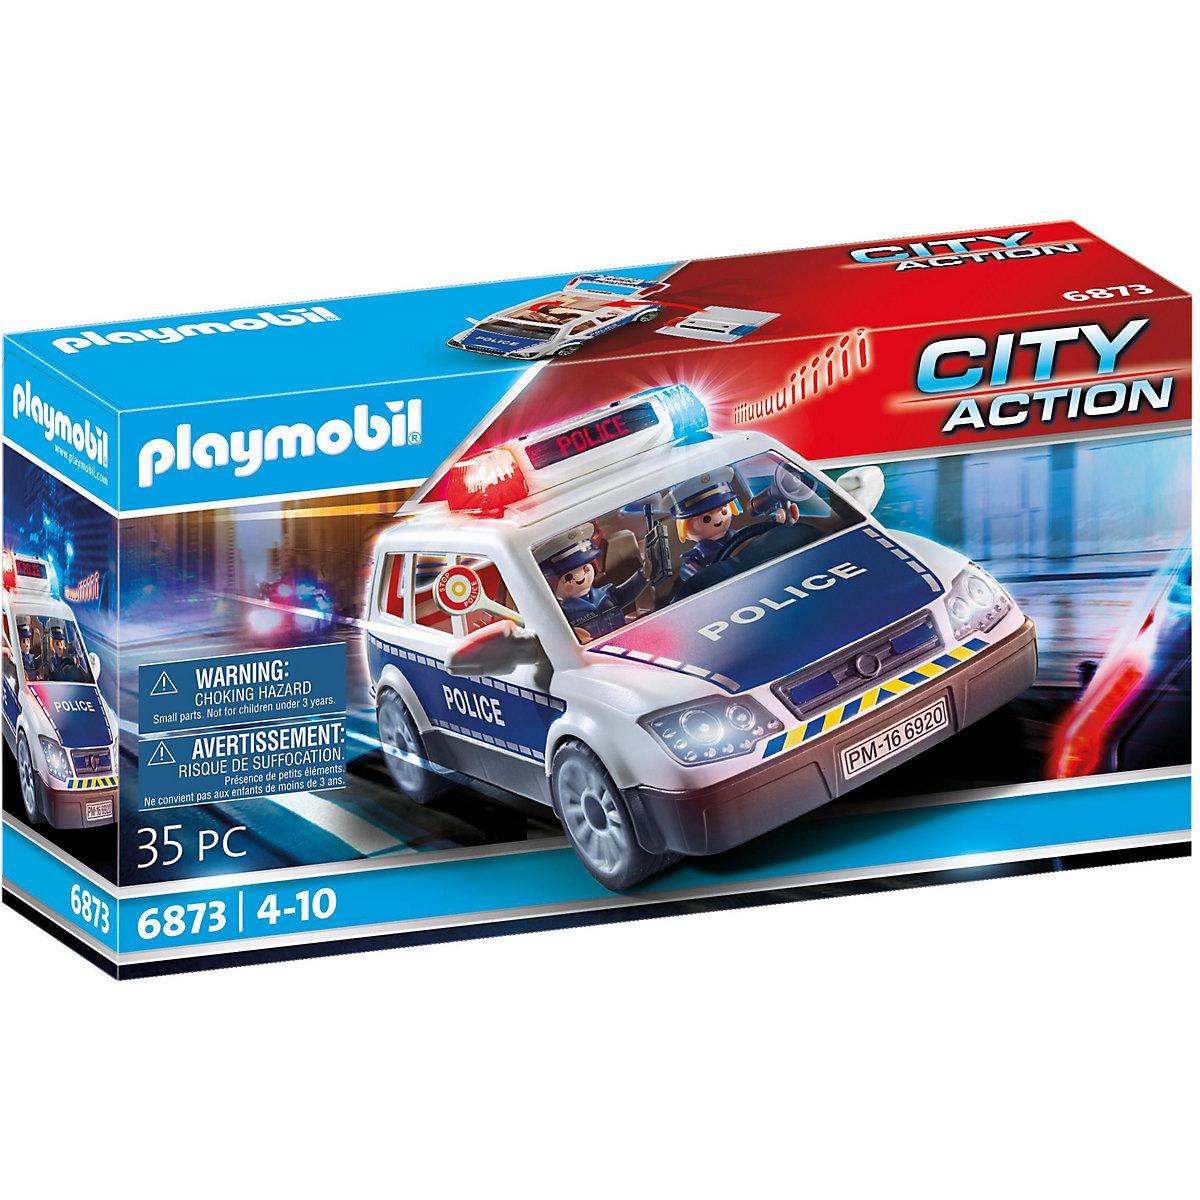 playmobil® 6873 polizeieinsatzwagen playmobil city